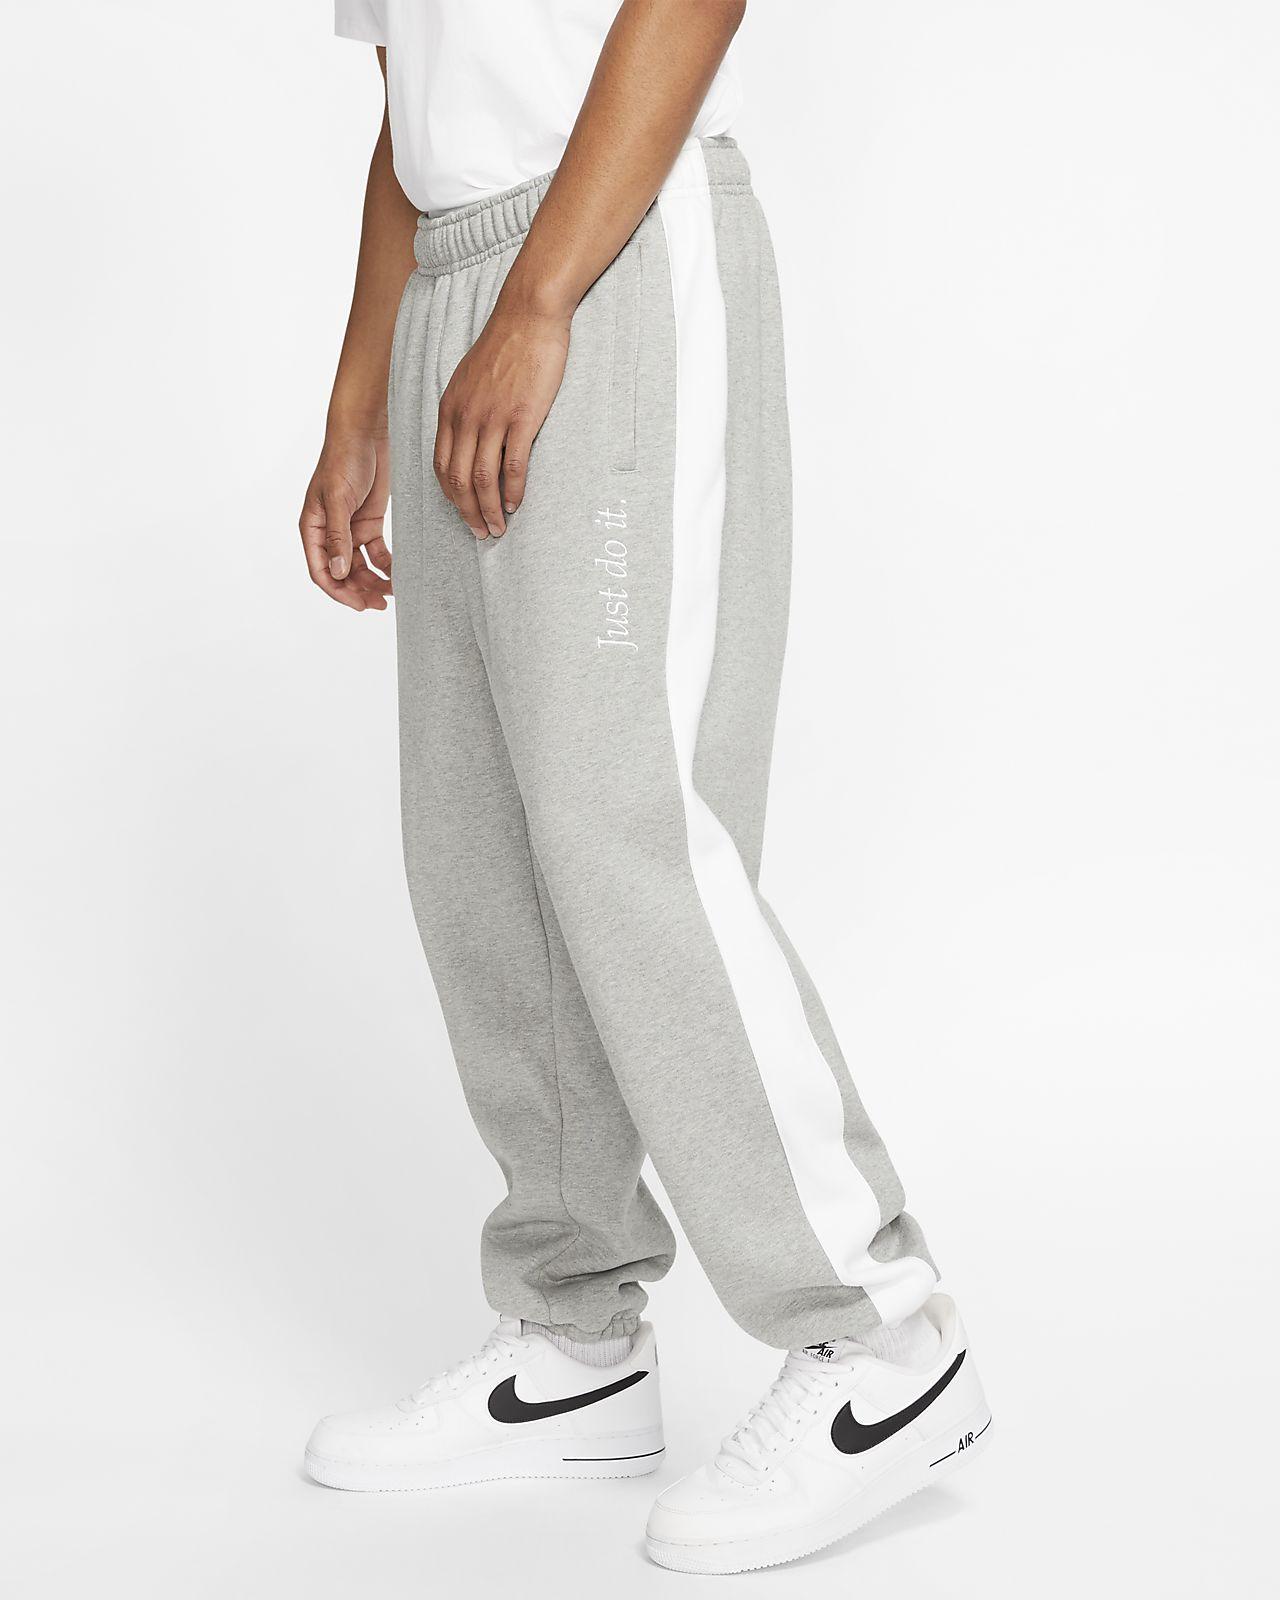 Pantalon Nike Sportswear JDI Heavyweight pour Homme